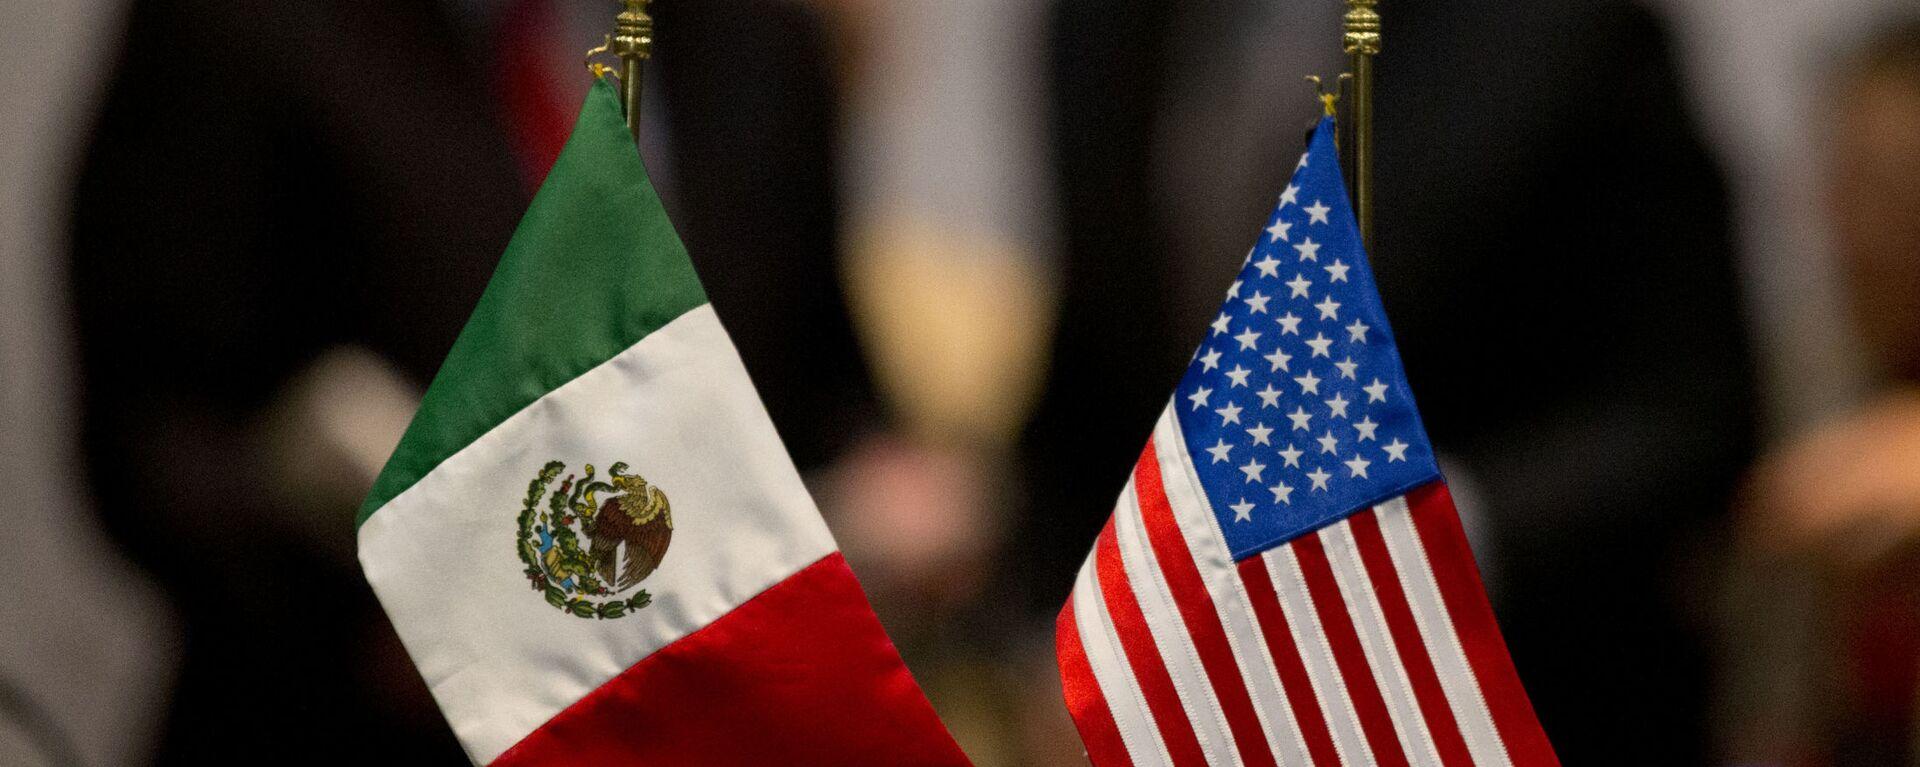 Banderas de México y EEUU - Sputnik Mundo, 1920, 01.03.2021